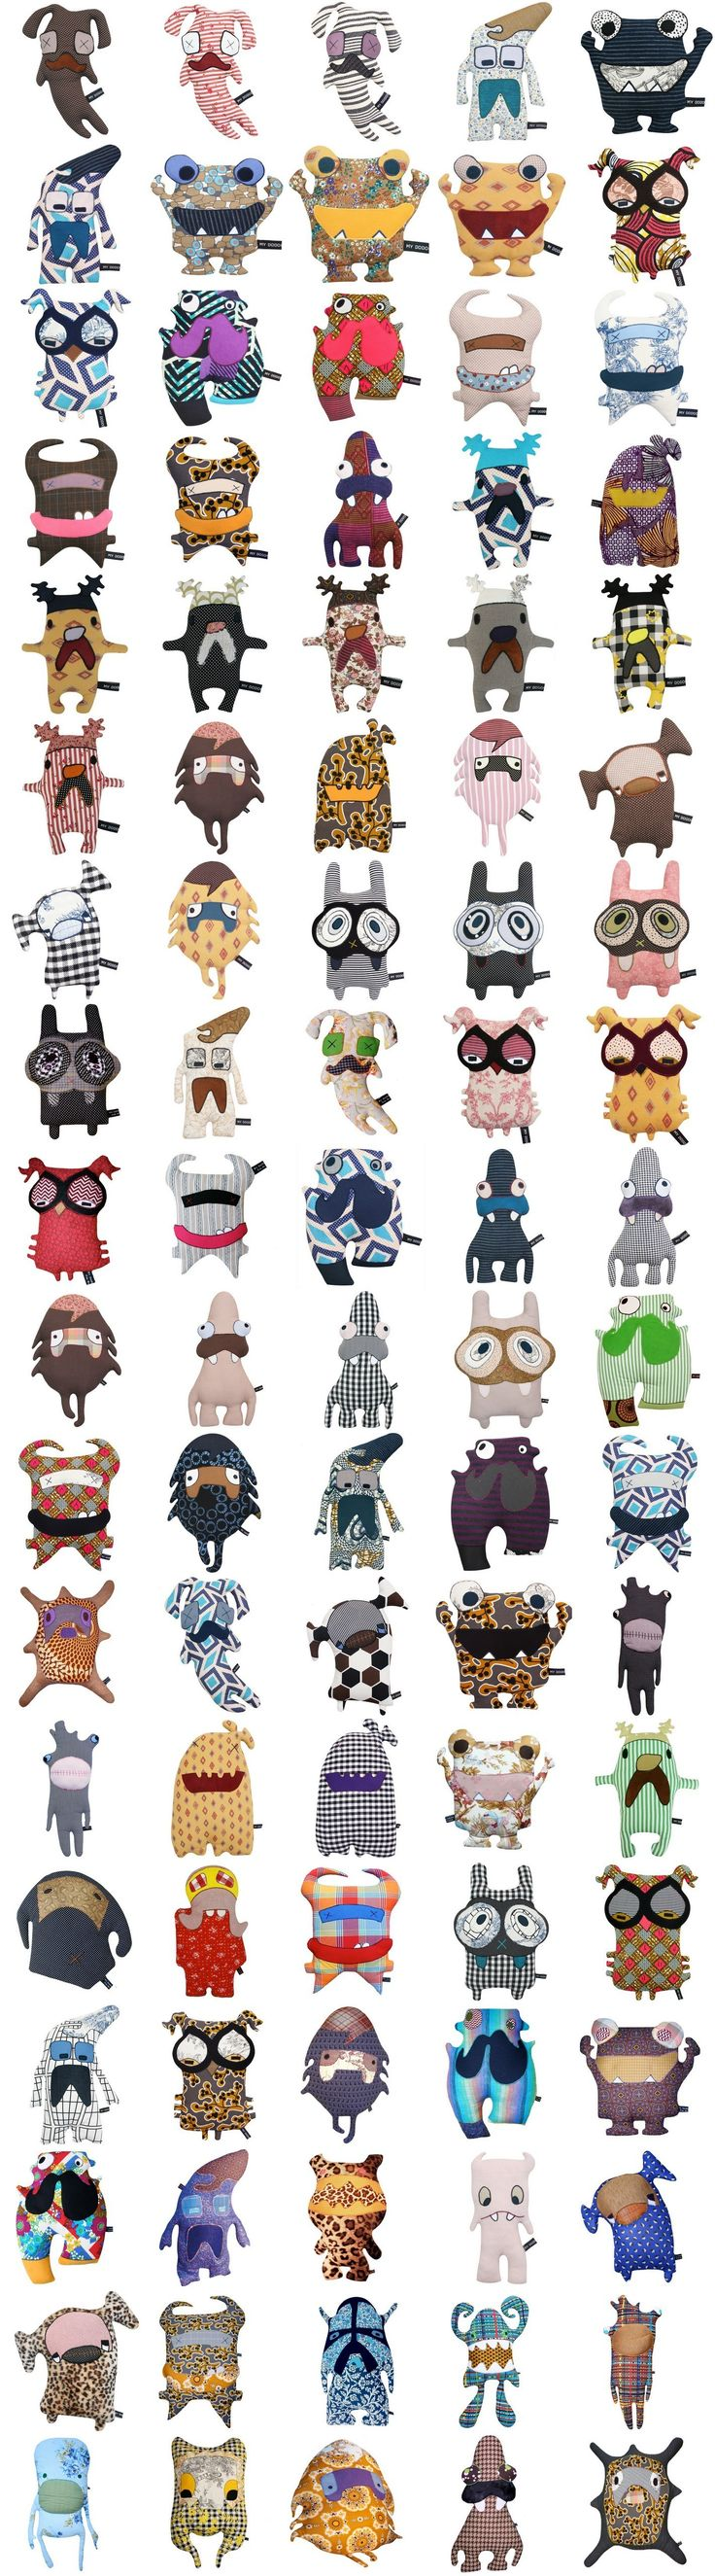 MyDoDooDesign toys. Unique, Recycled Fabrics, Handmade.